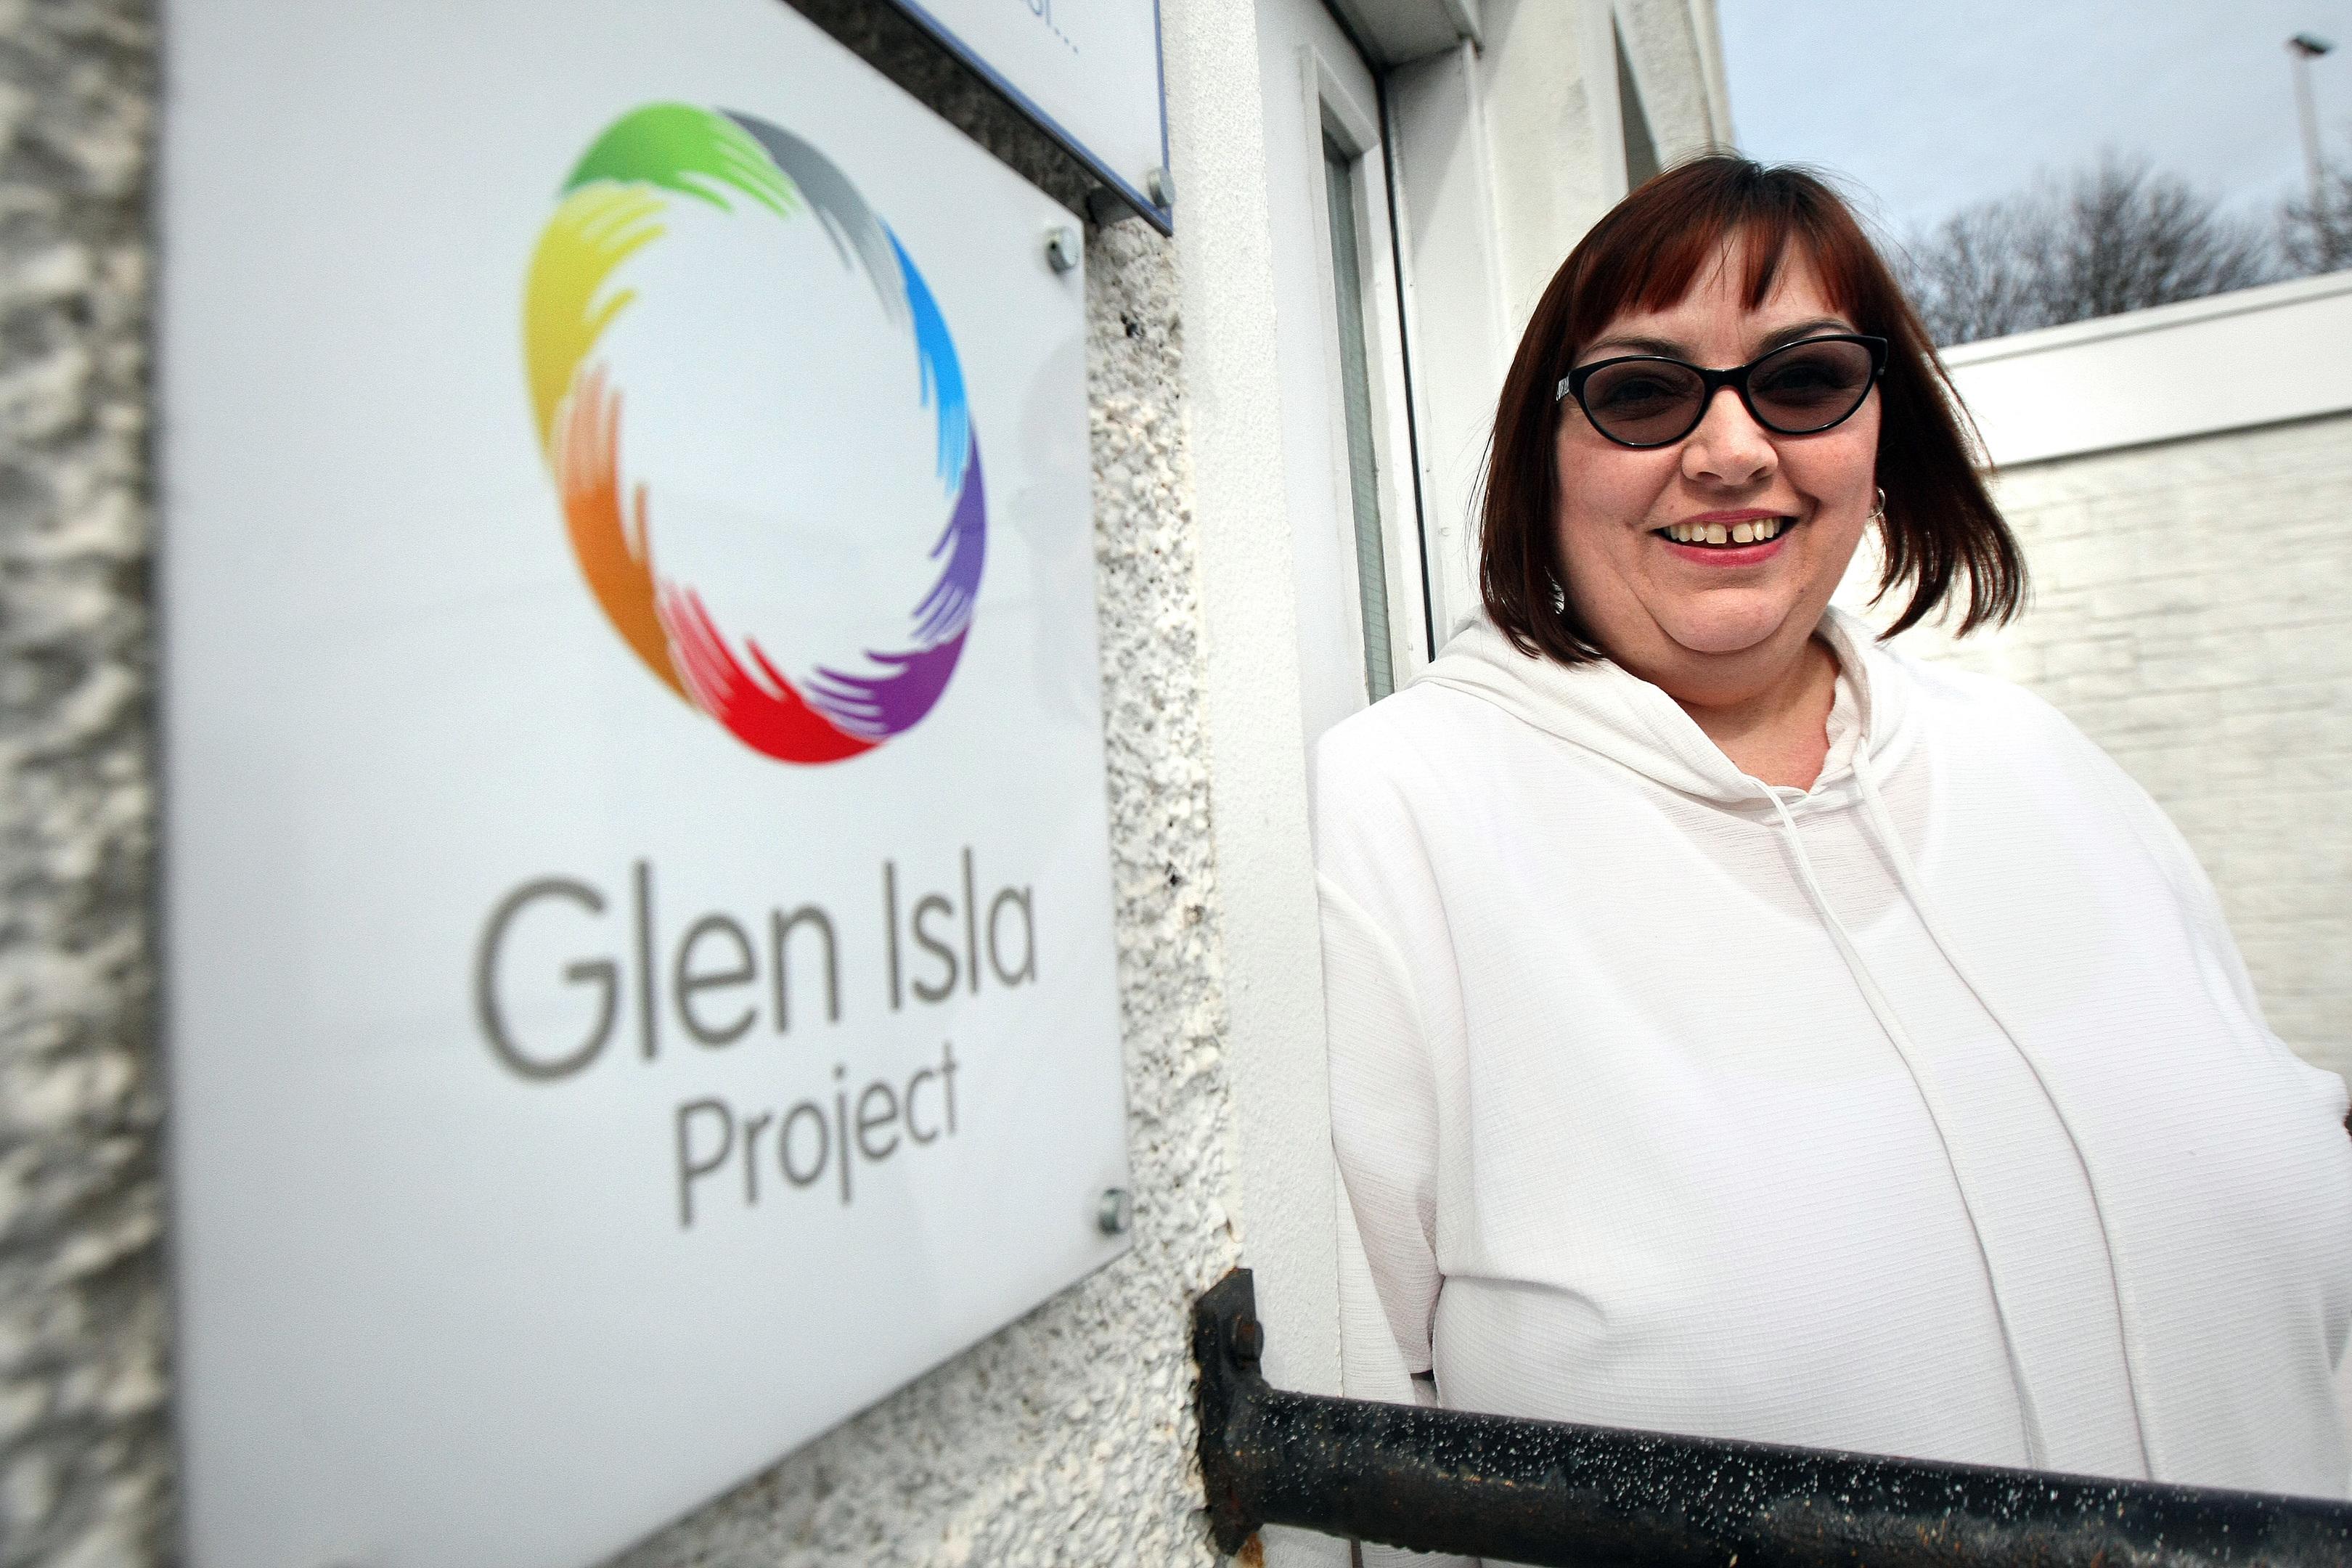 The Glen Isla Project's deputy manager Lynne Robertson.